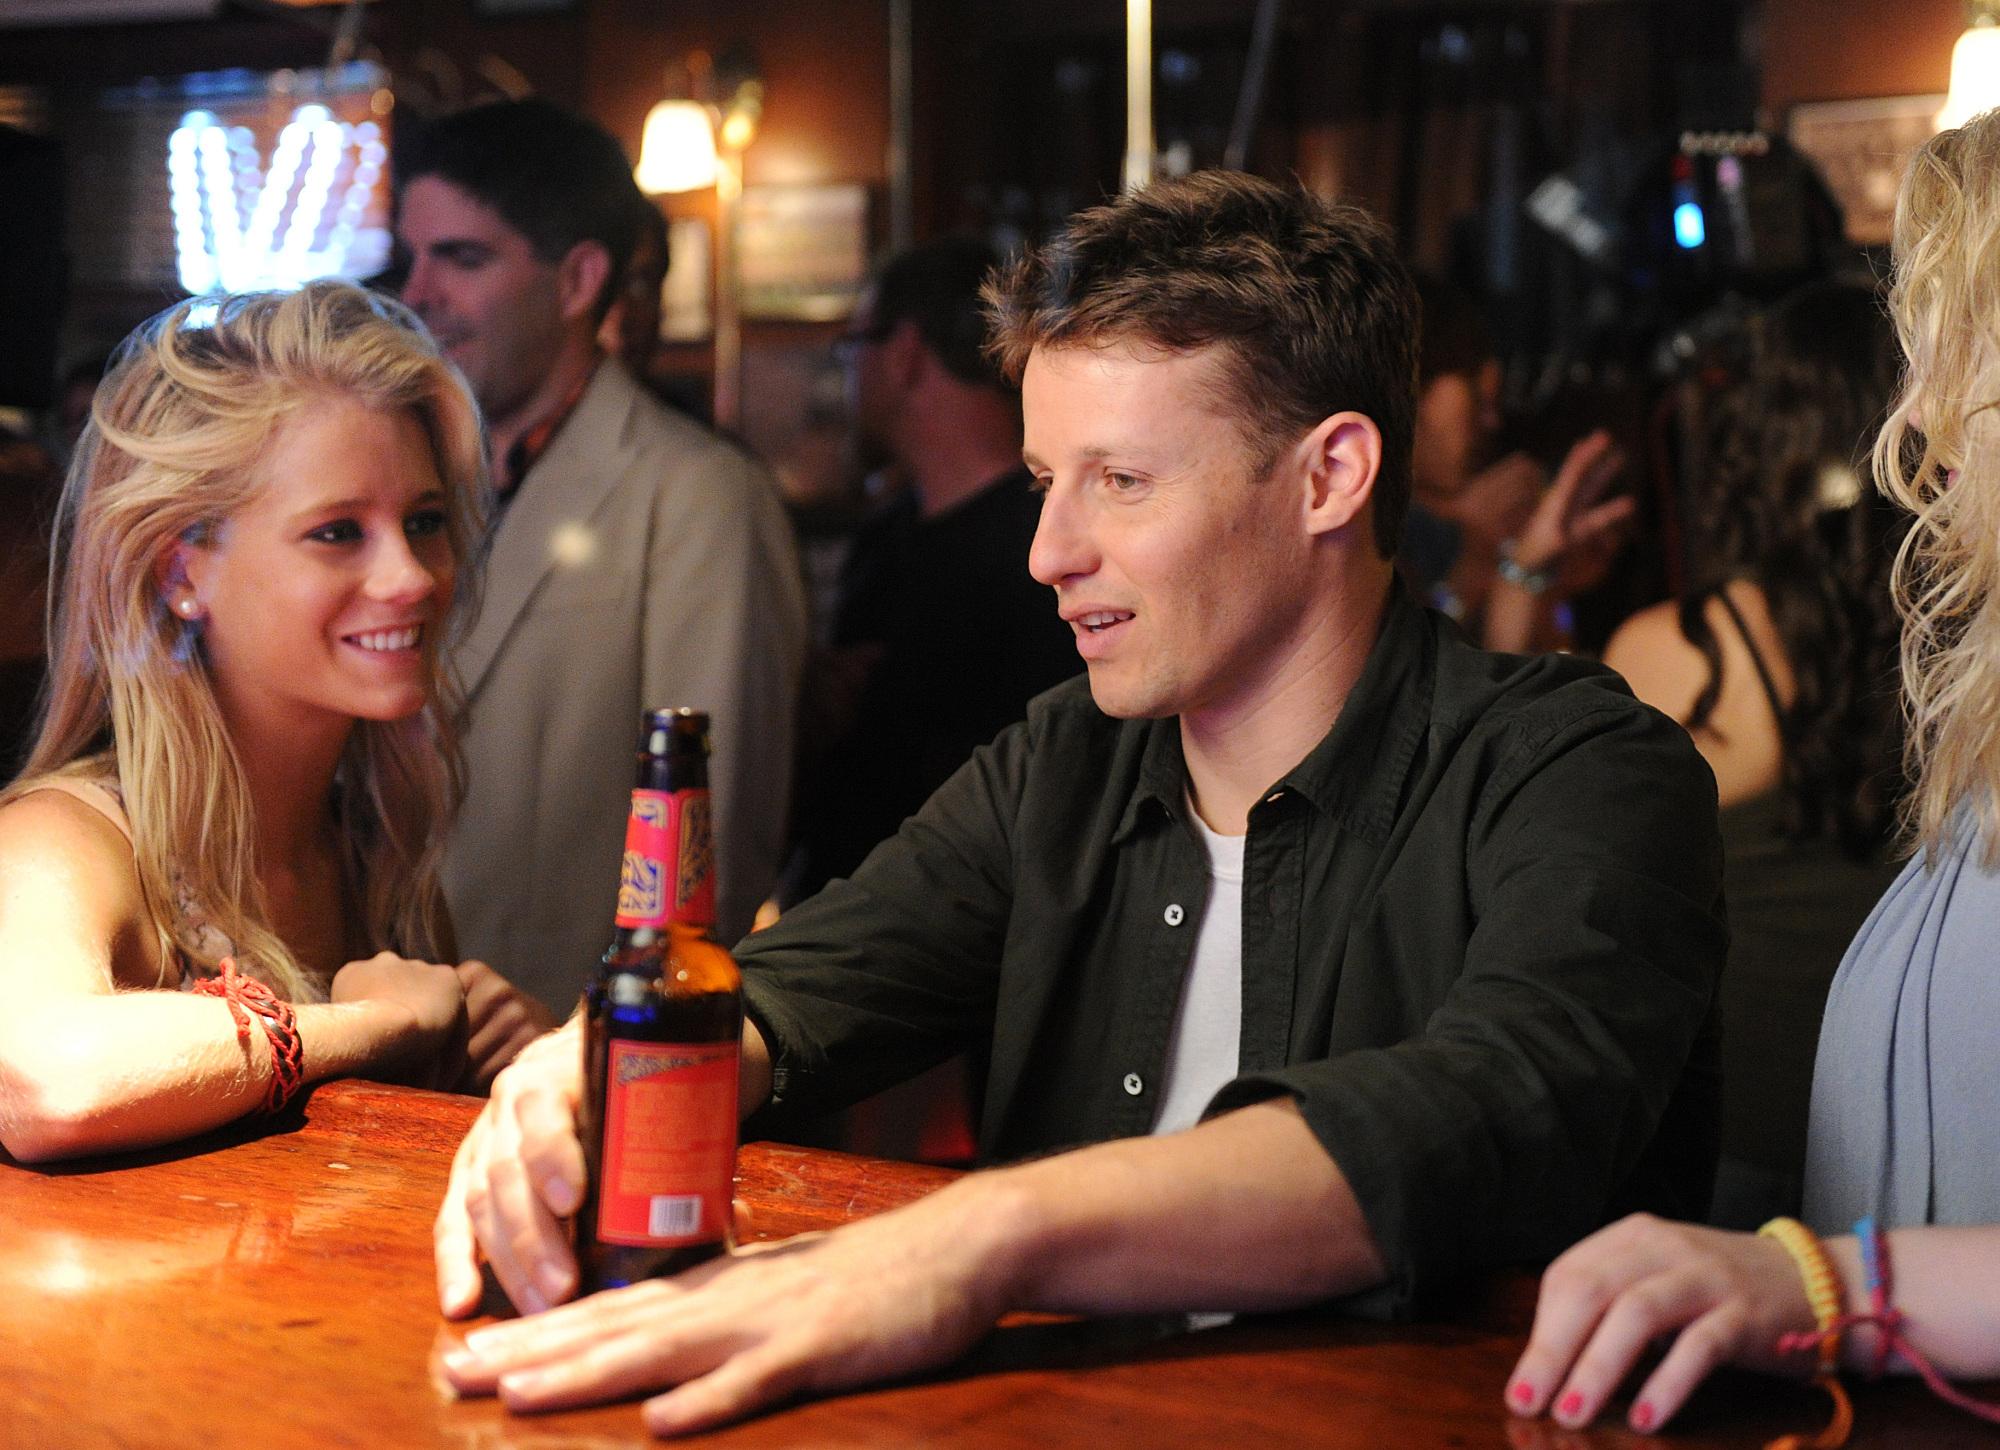 Jamie at the bar